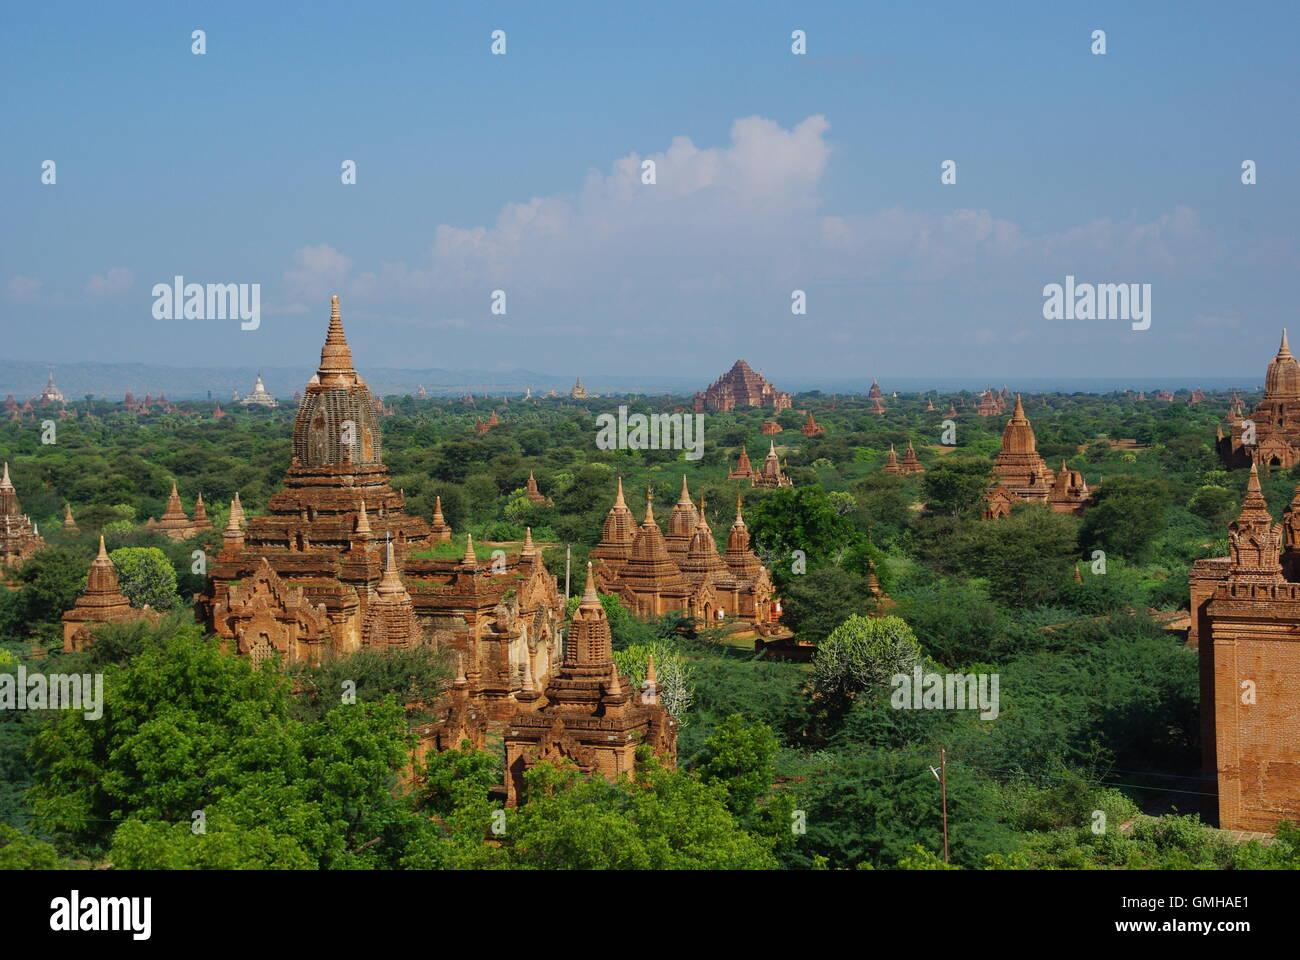 Pagodas on the Bagan Plains, Myanmar - Stock Image